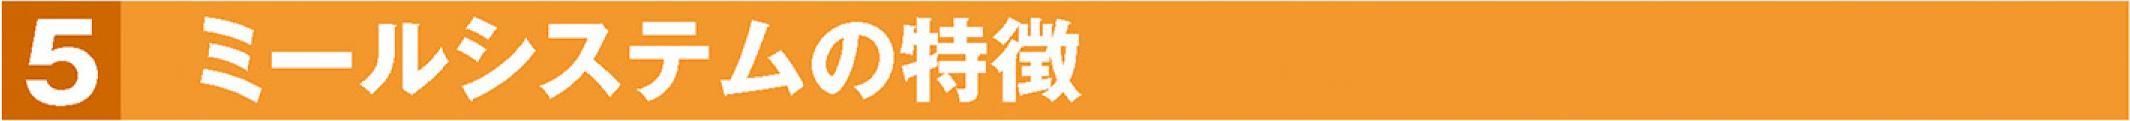 5.生協食堂定期券 ミールシステム